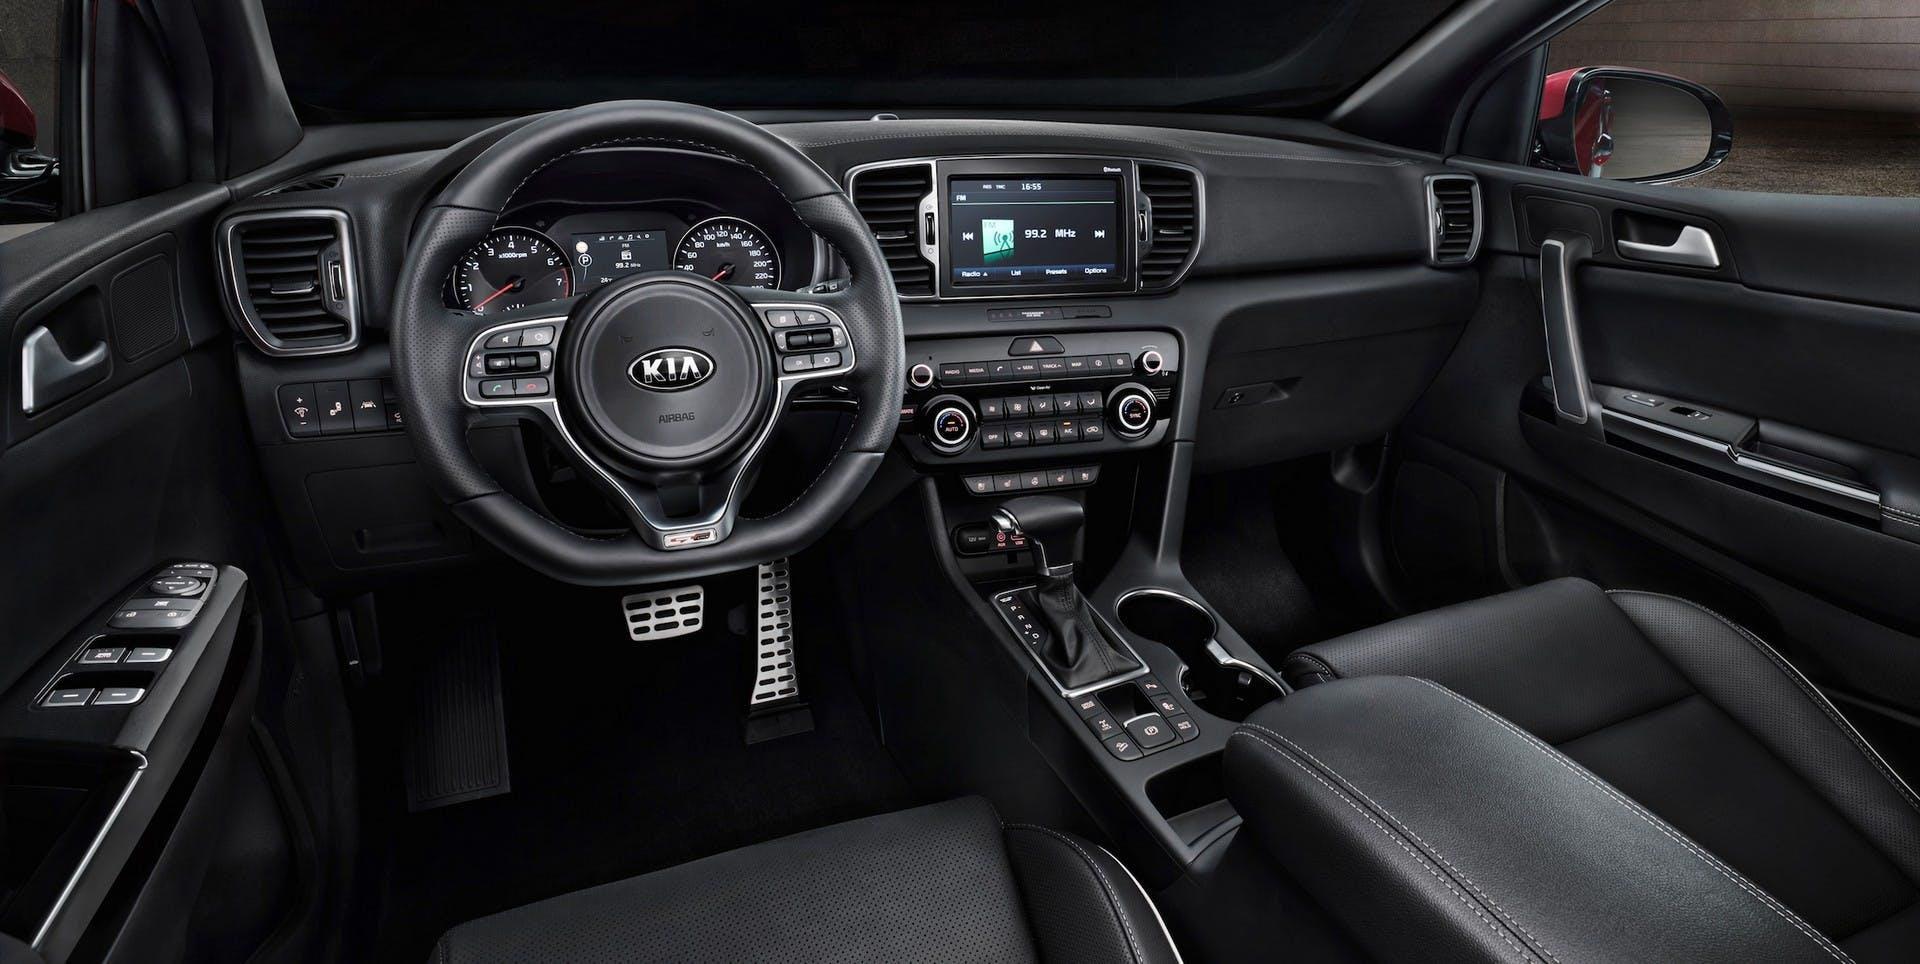 Interni della Kia Sportage 2.0 CRDi AWD